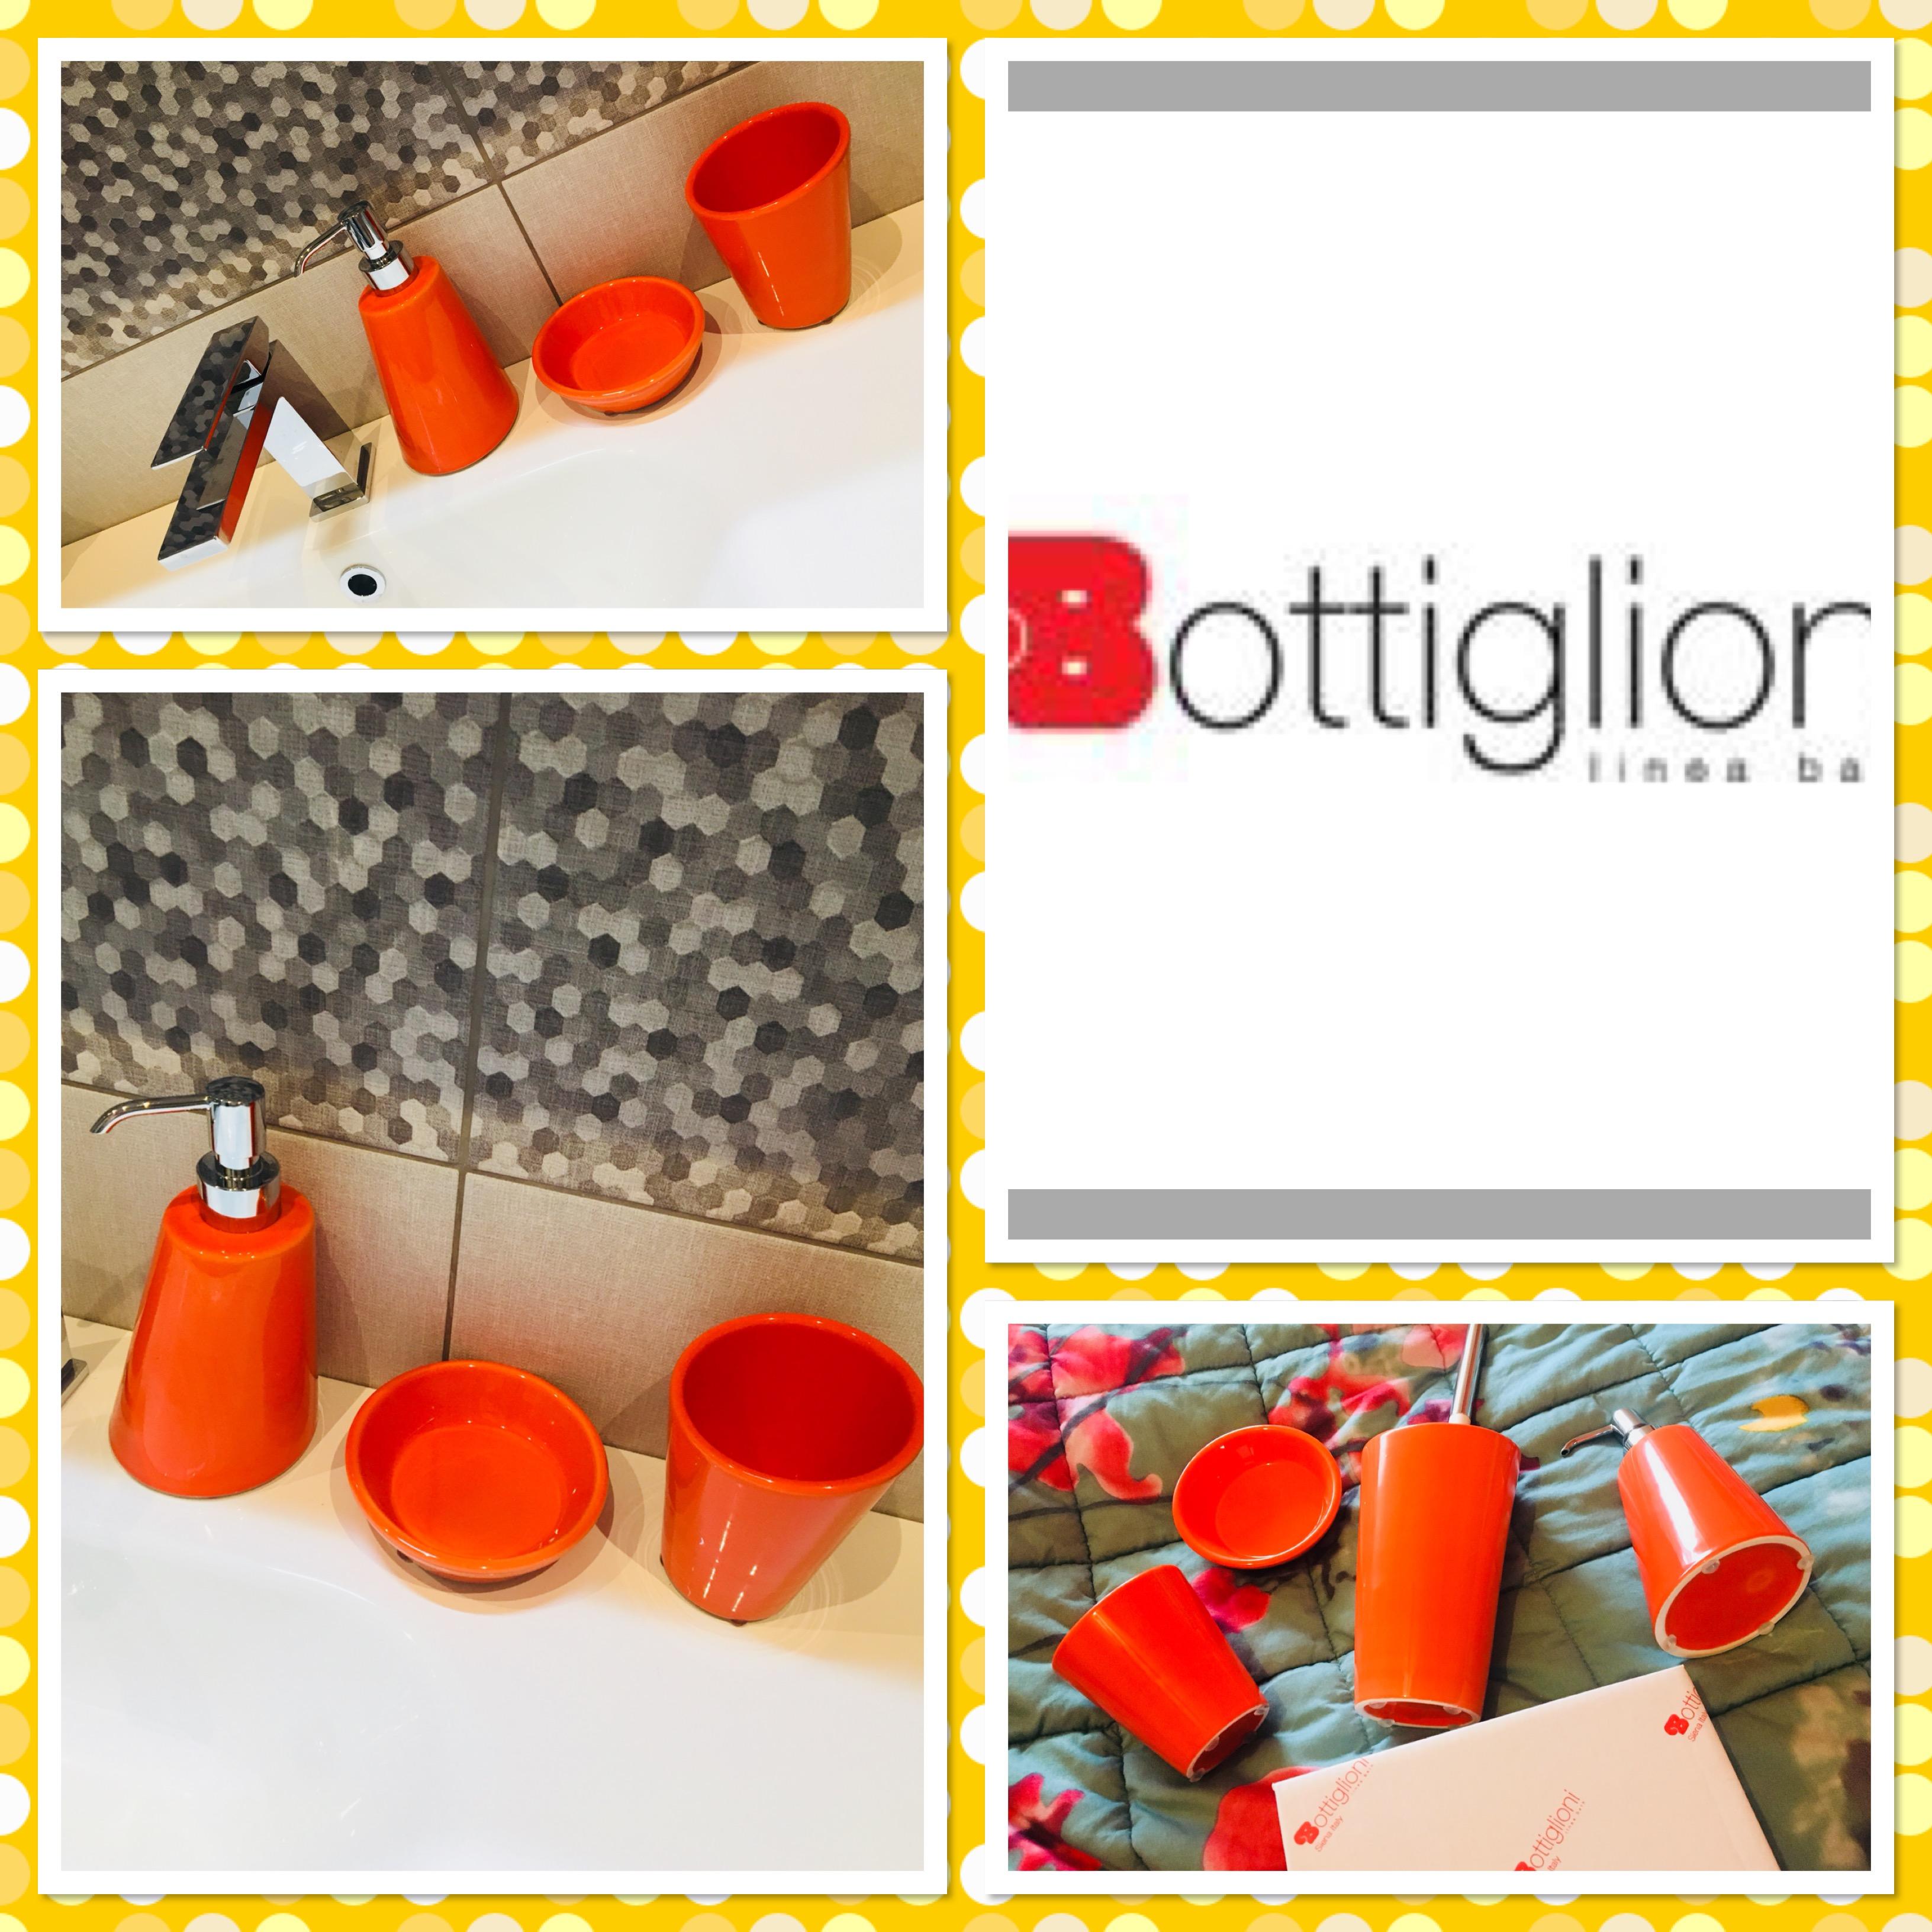 Bottiglioni Accessori Bagno.Bottiglioni Accessori Bagno In Cucina Con Frollina